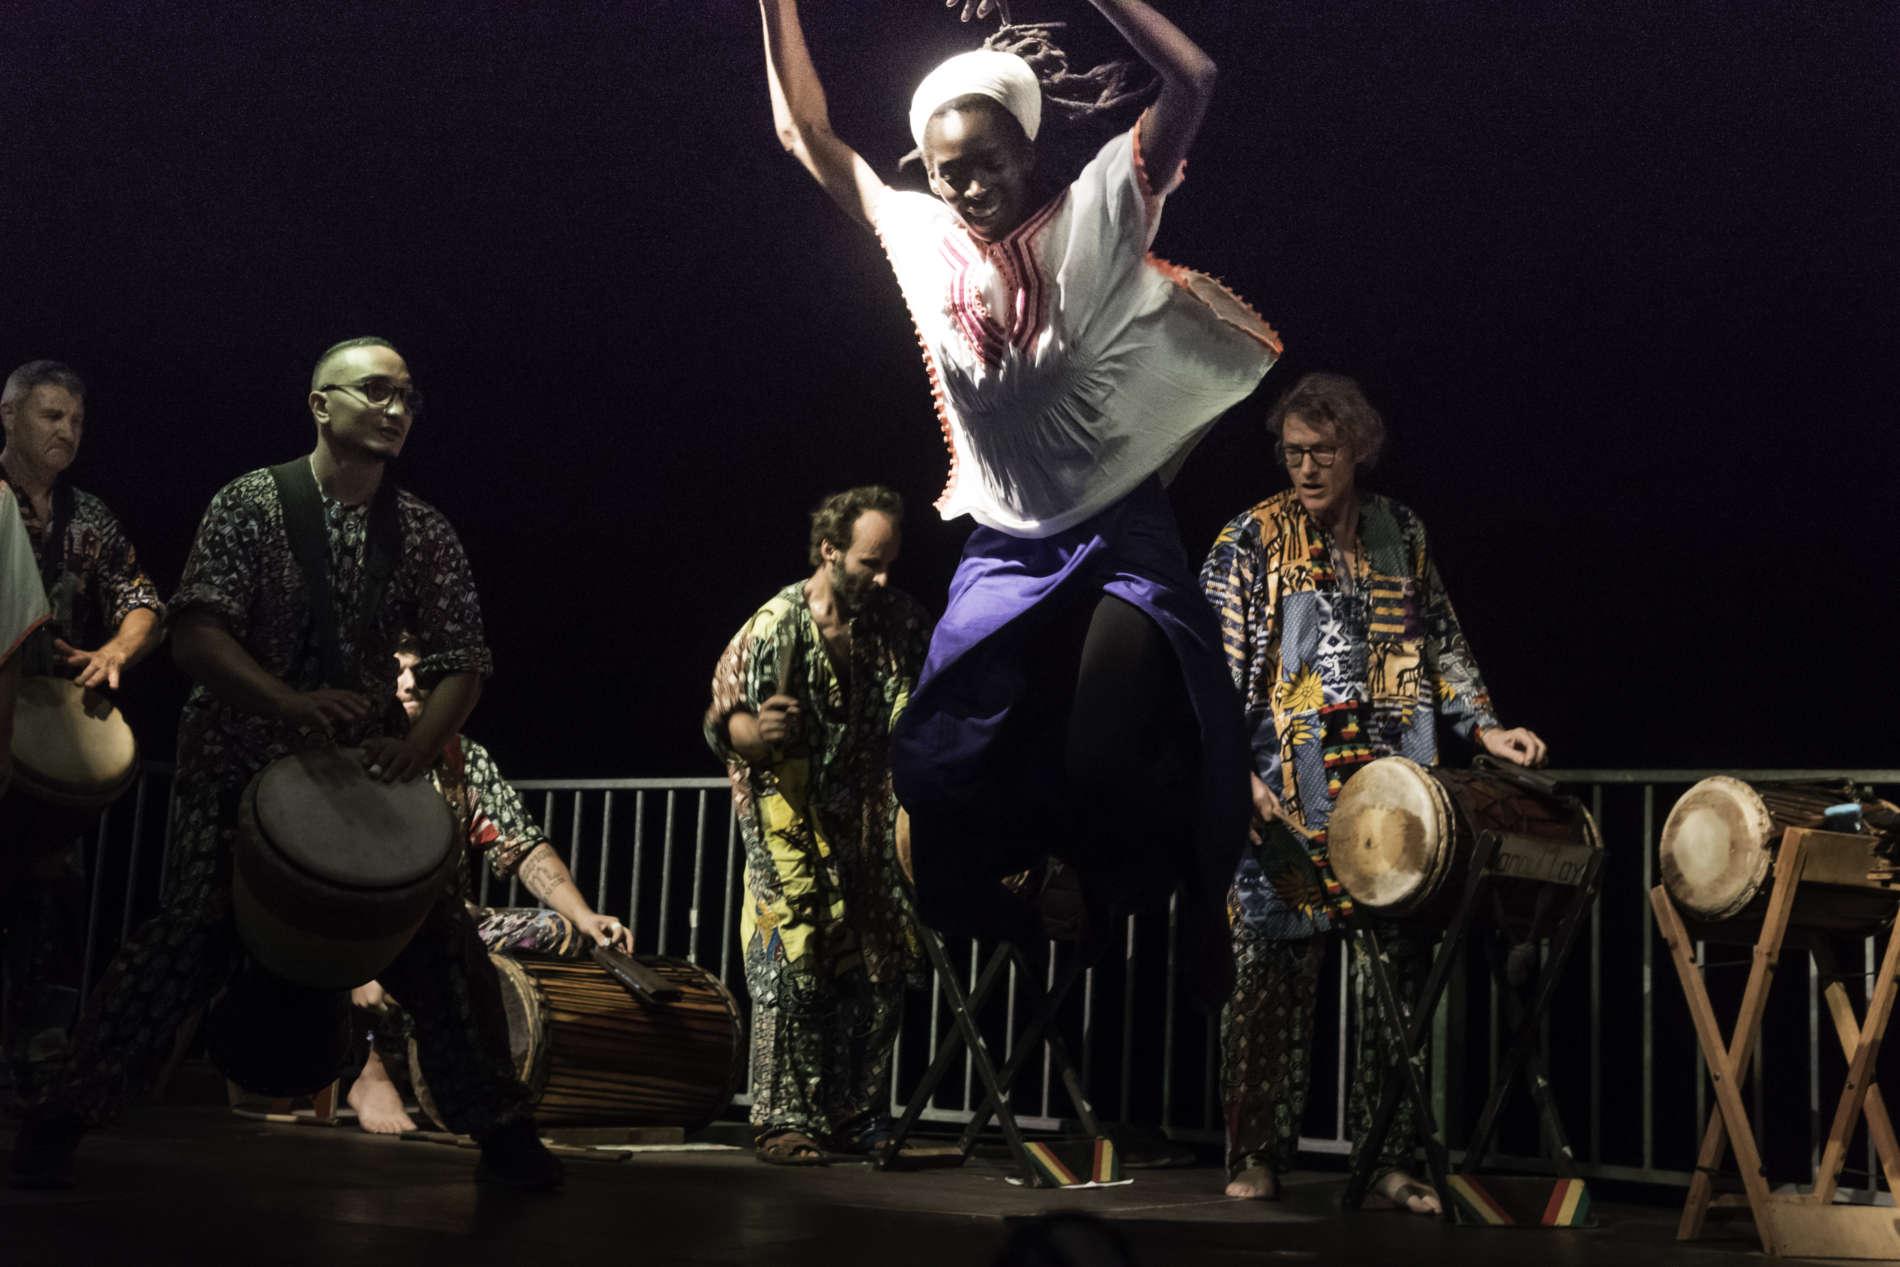 Atelier de danses traditionnelles d'Afrique de l'ouest, à Mouans-Sartoux, le 23/06/2019